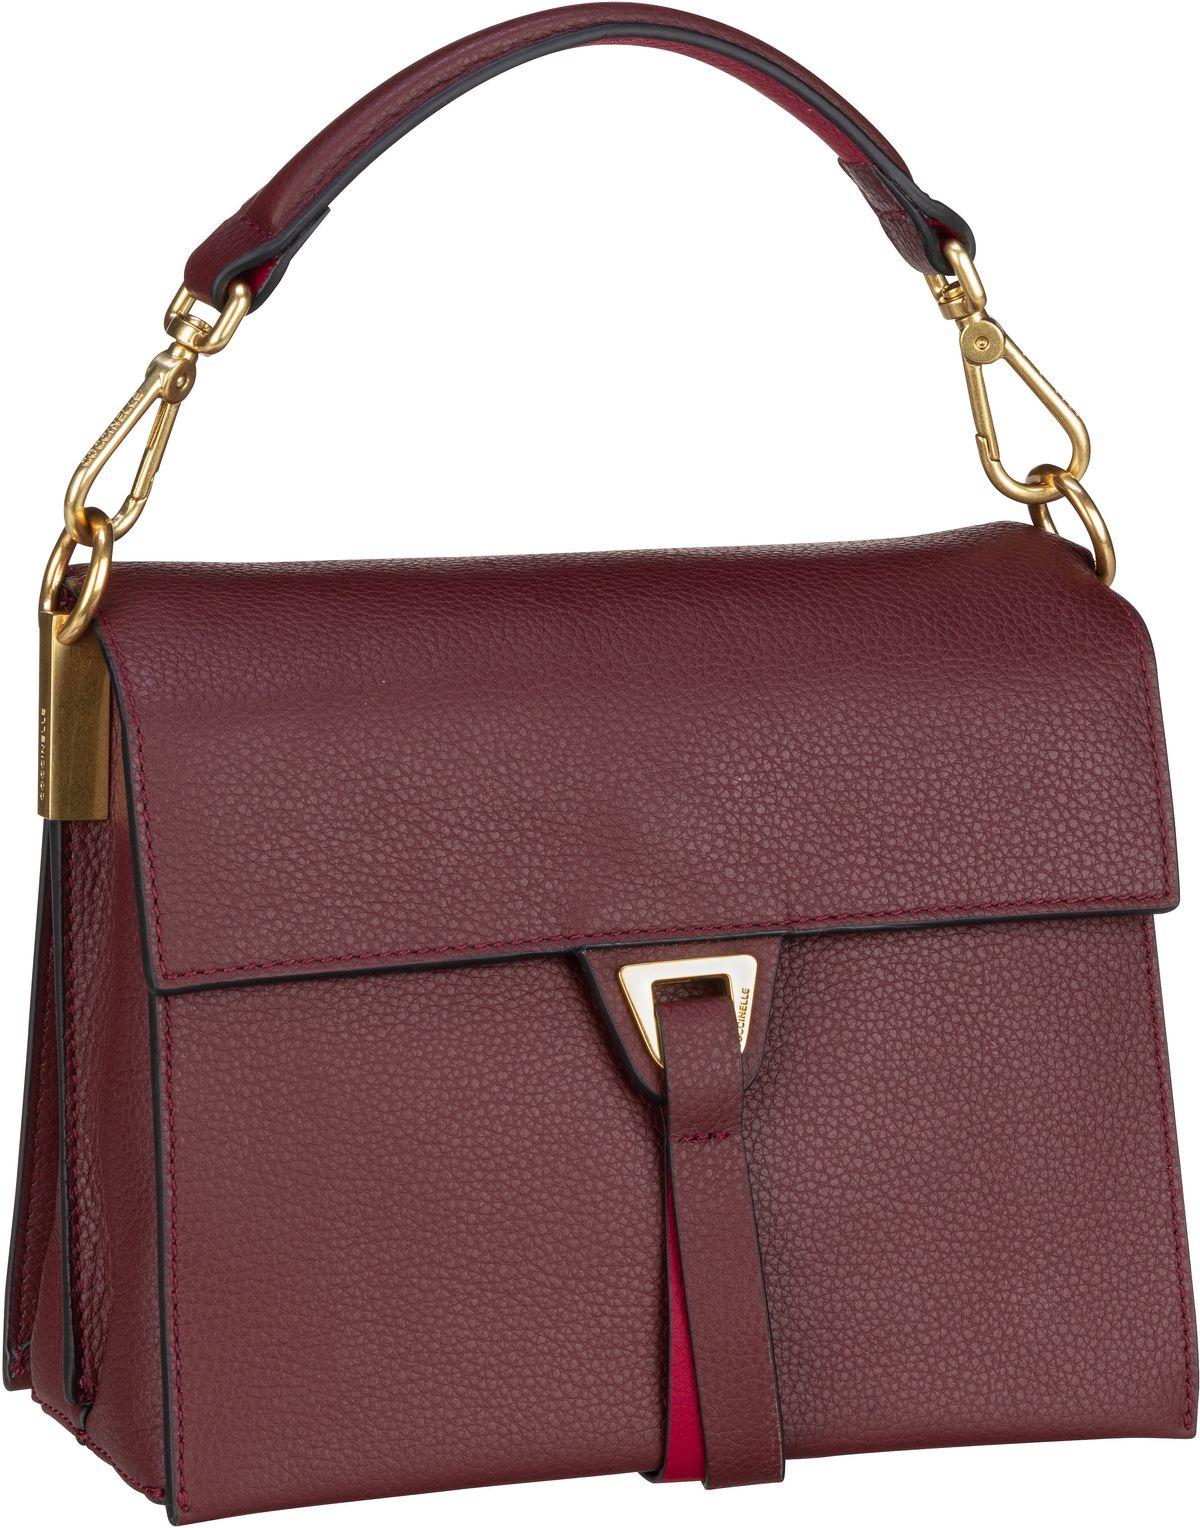 Handtasche Louise 1501 Marsala/Cherry